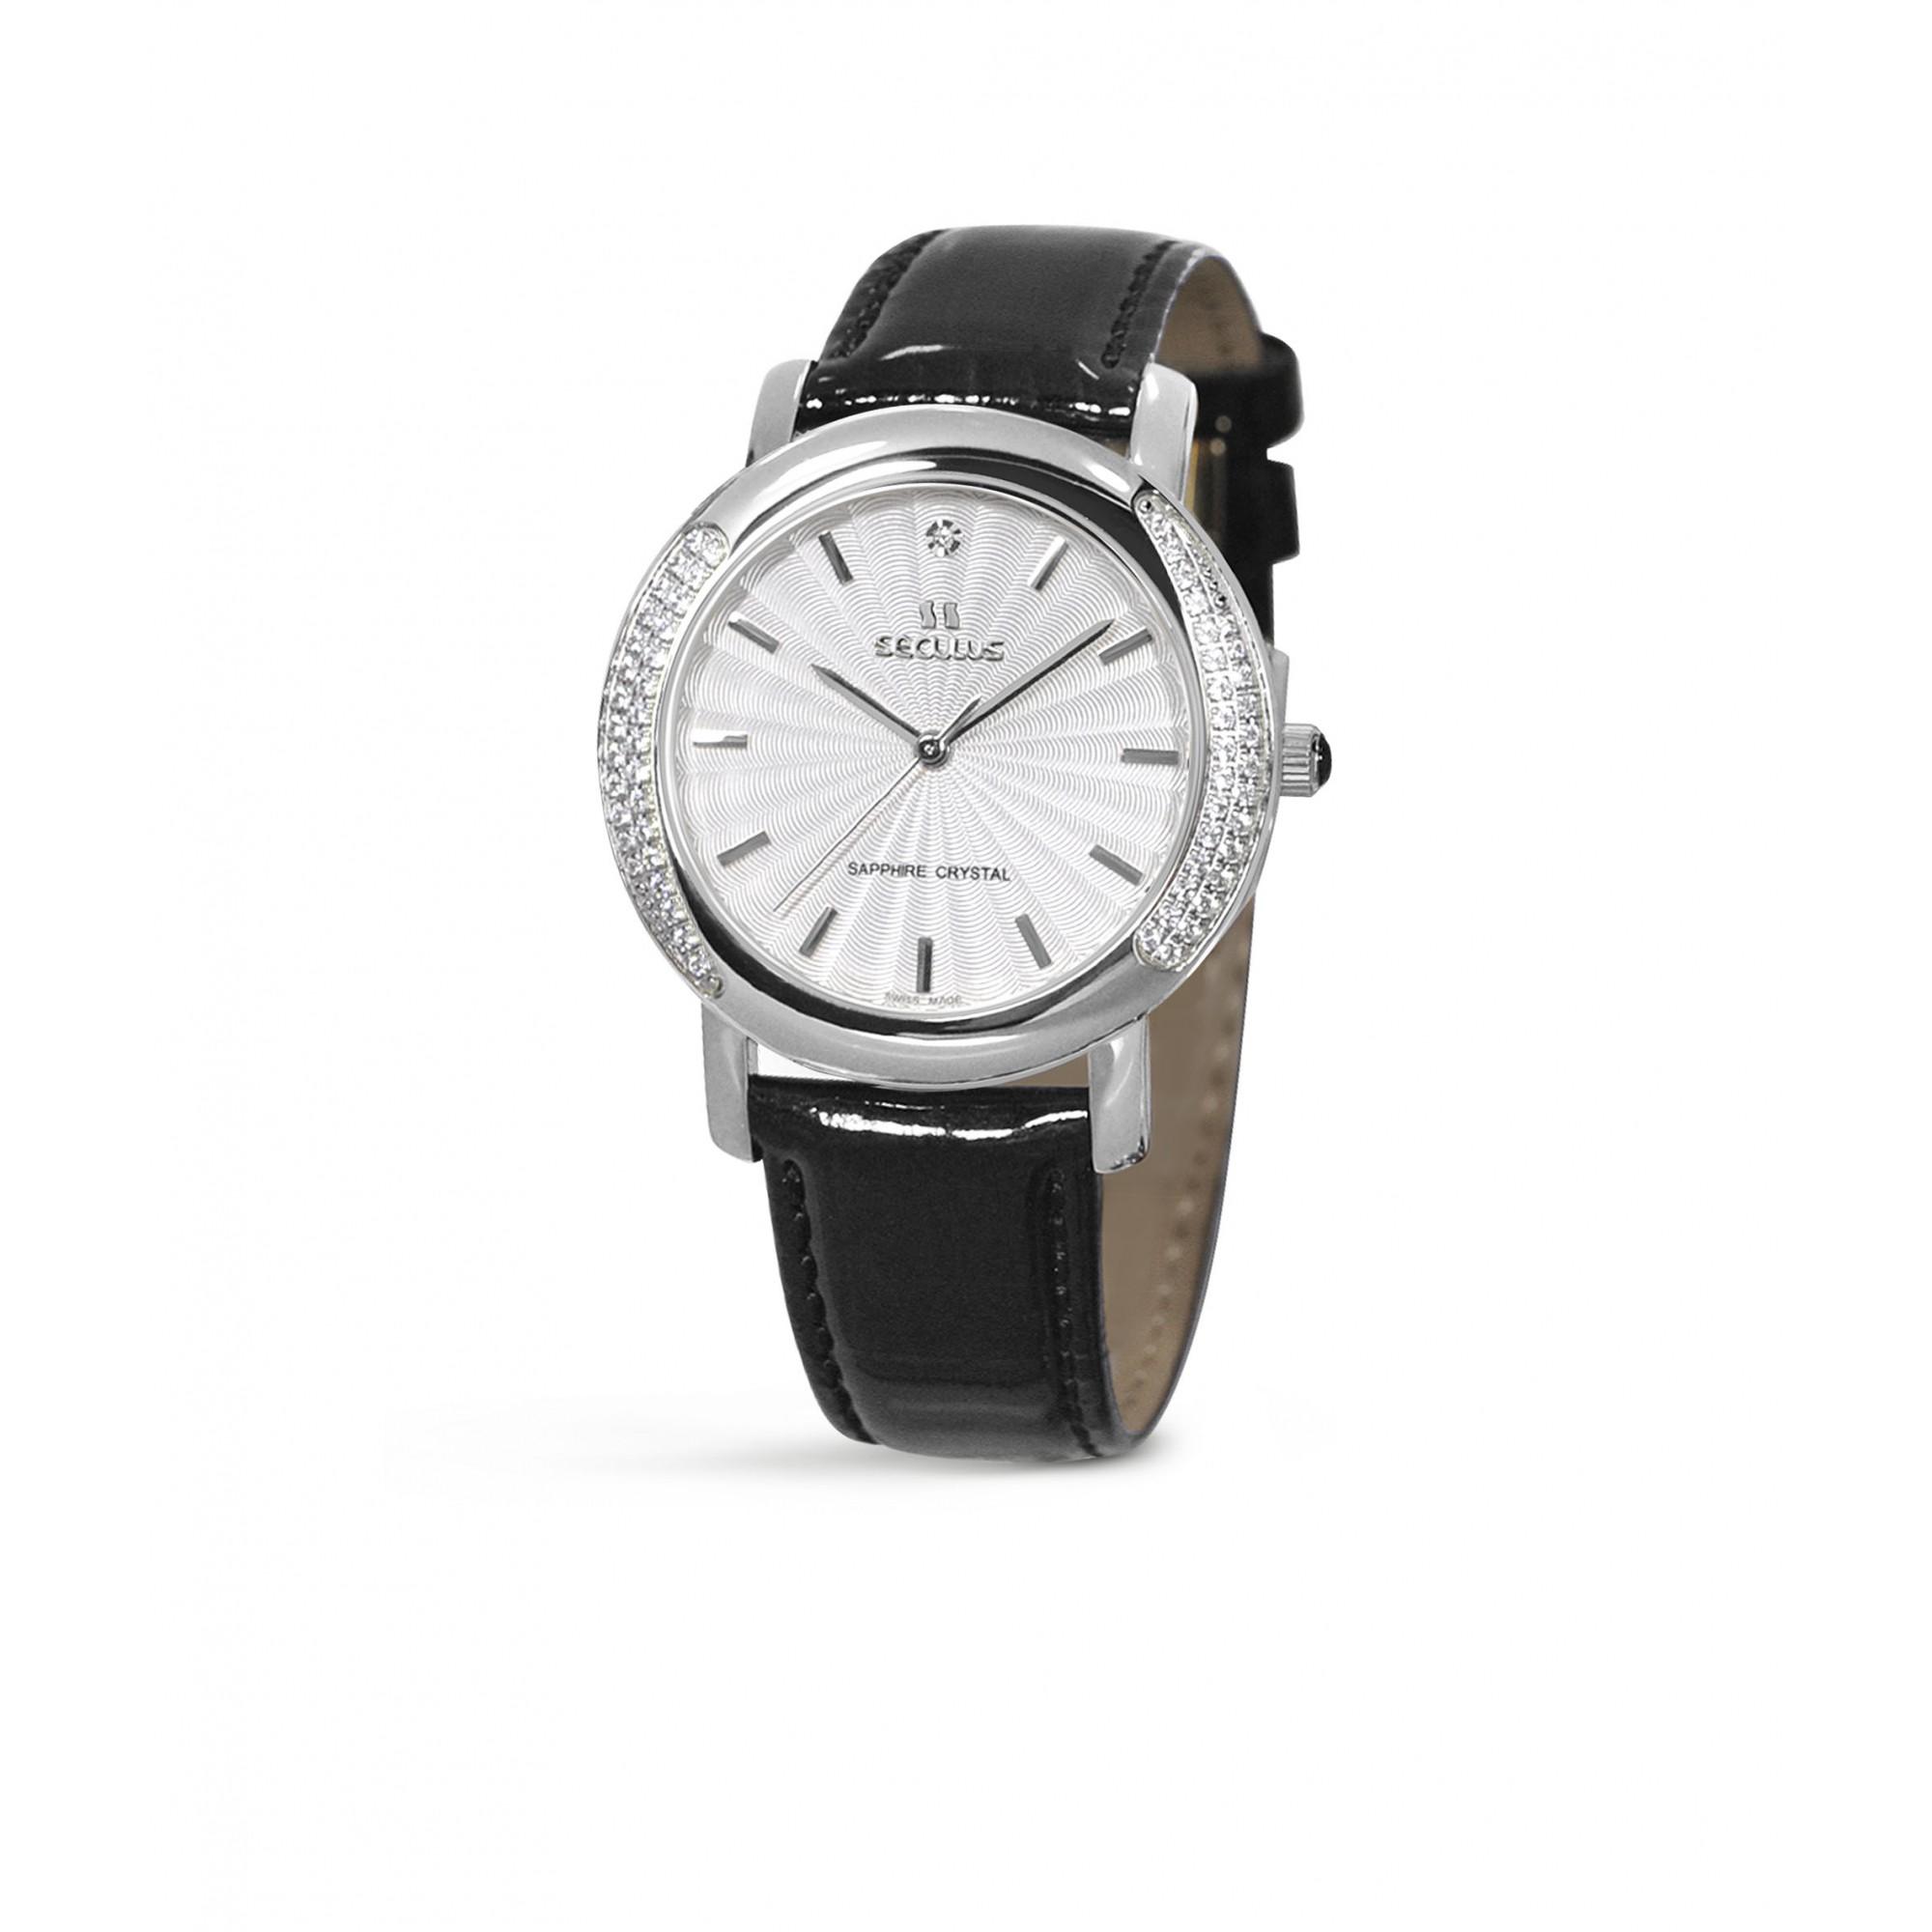 Relógio Feminino Seculus Swiss Made Pulseira de  Couro Coleção Design 167321063LBSSW